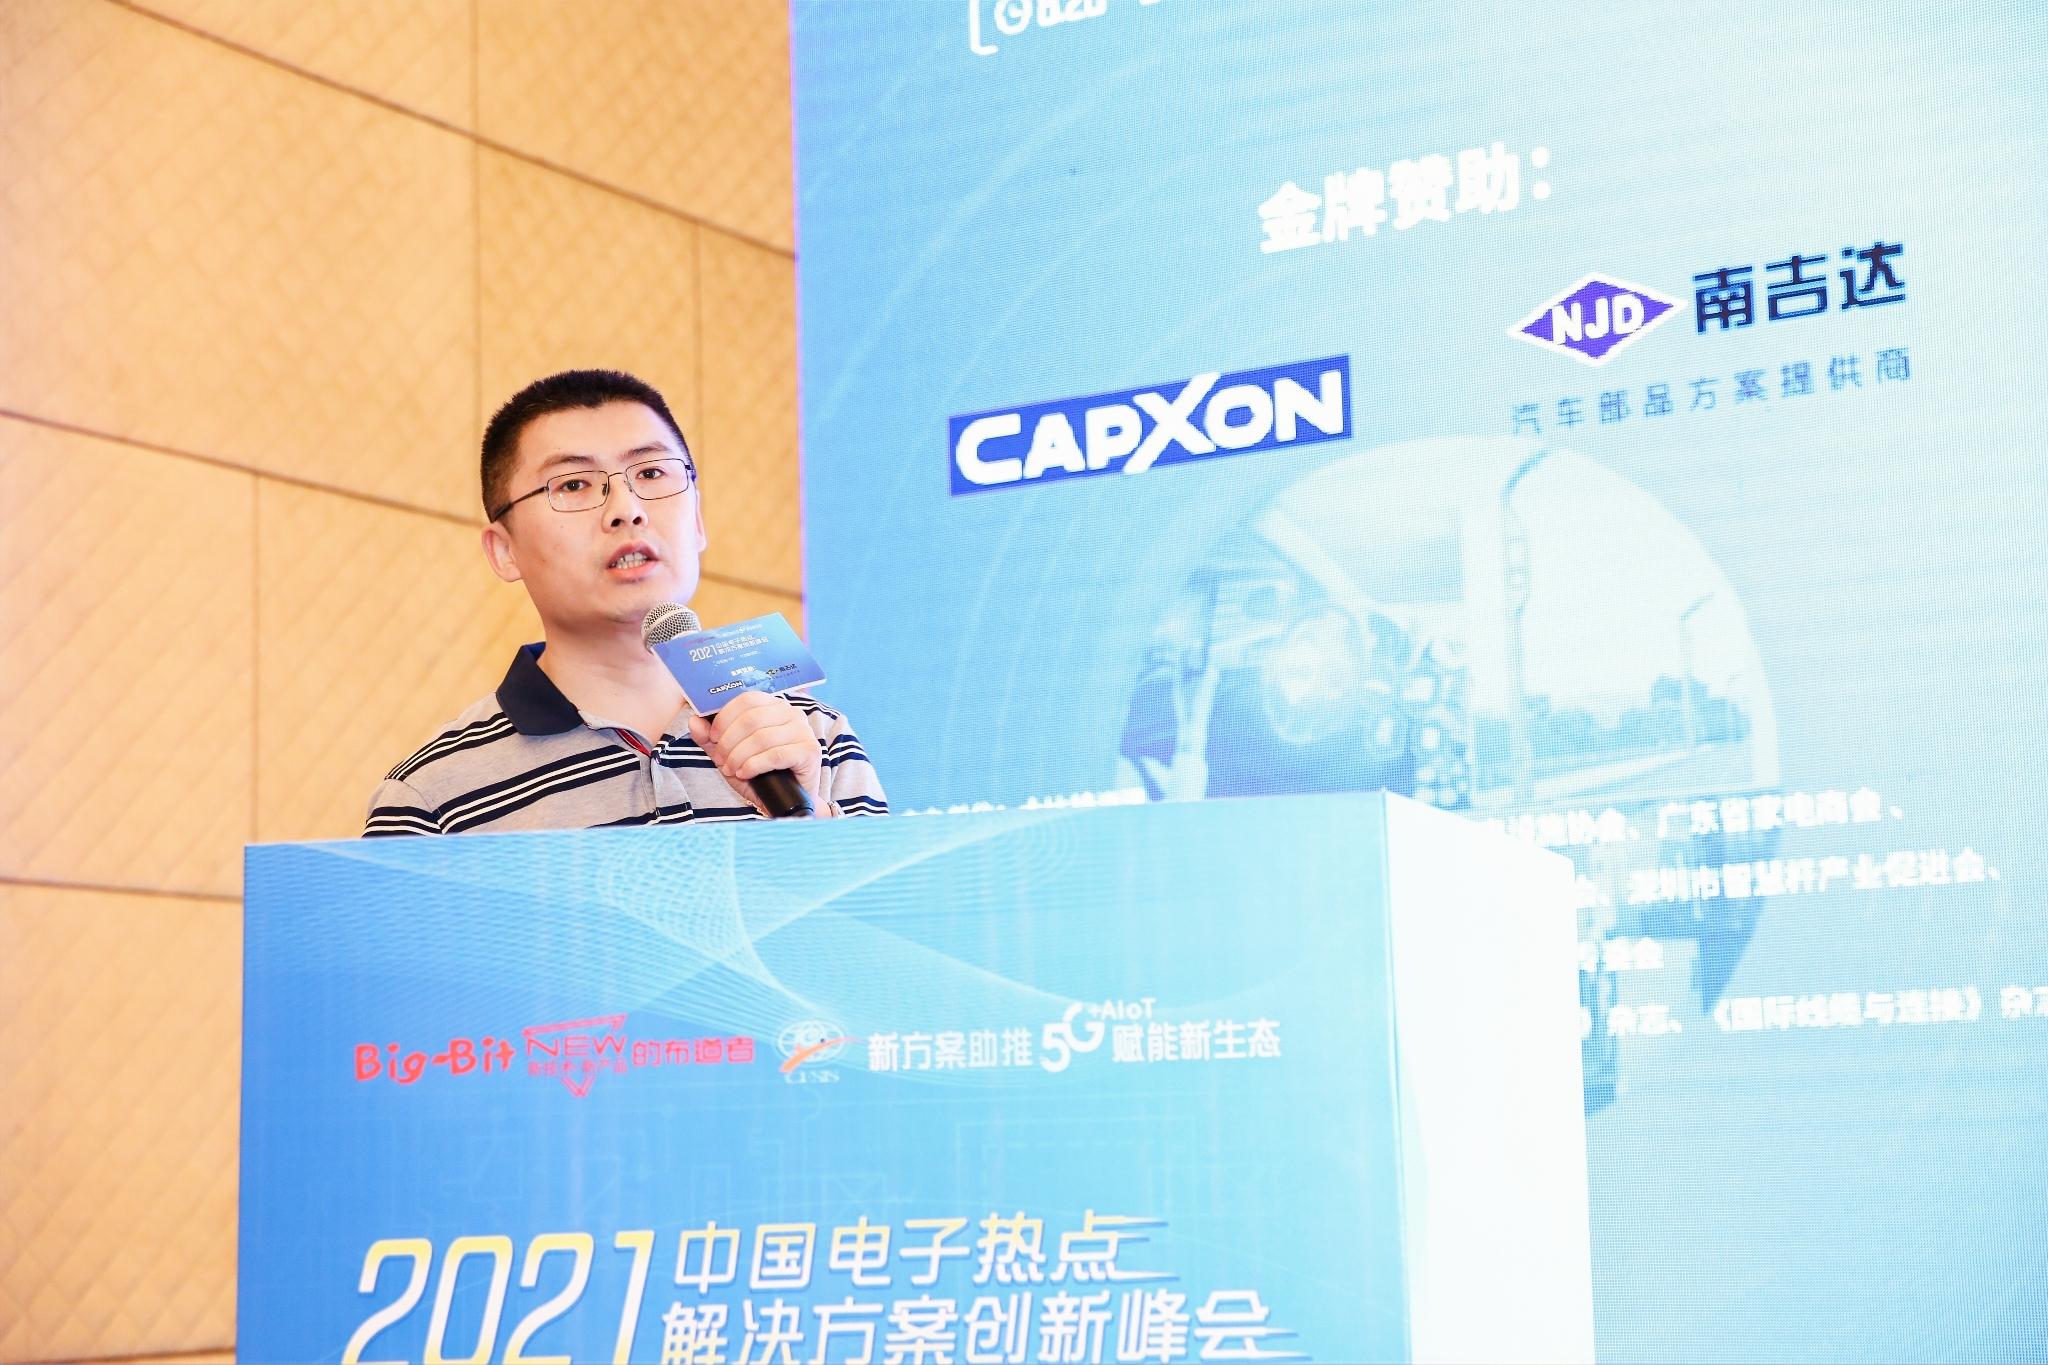 广东电网电力科学研究院储能技术研究所所长、南方电网高级技术专家赵伟